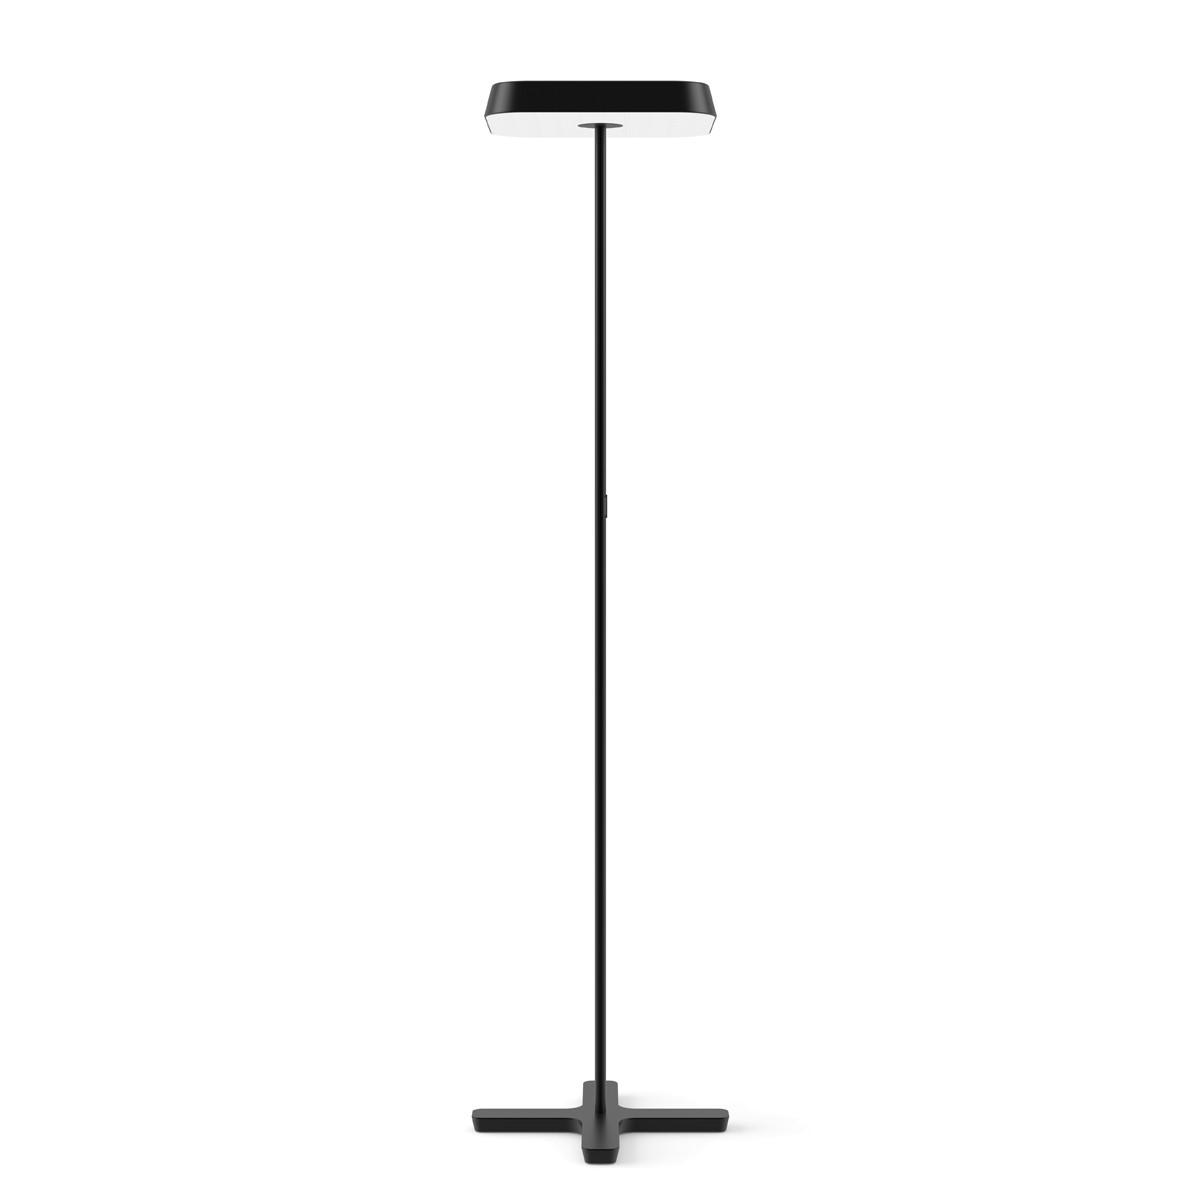 Belux Koi-Q LED Stehleuchte, mit Dimmer, 3000K, schwarz